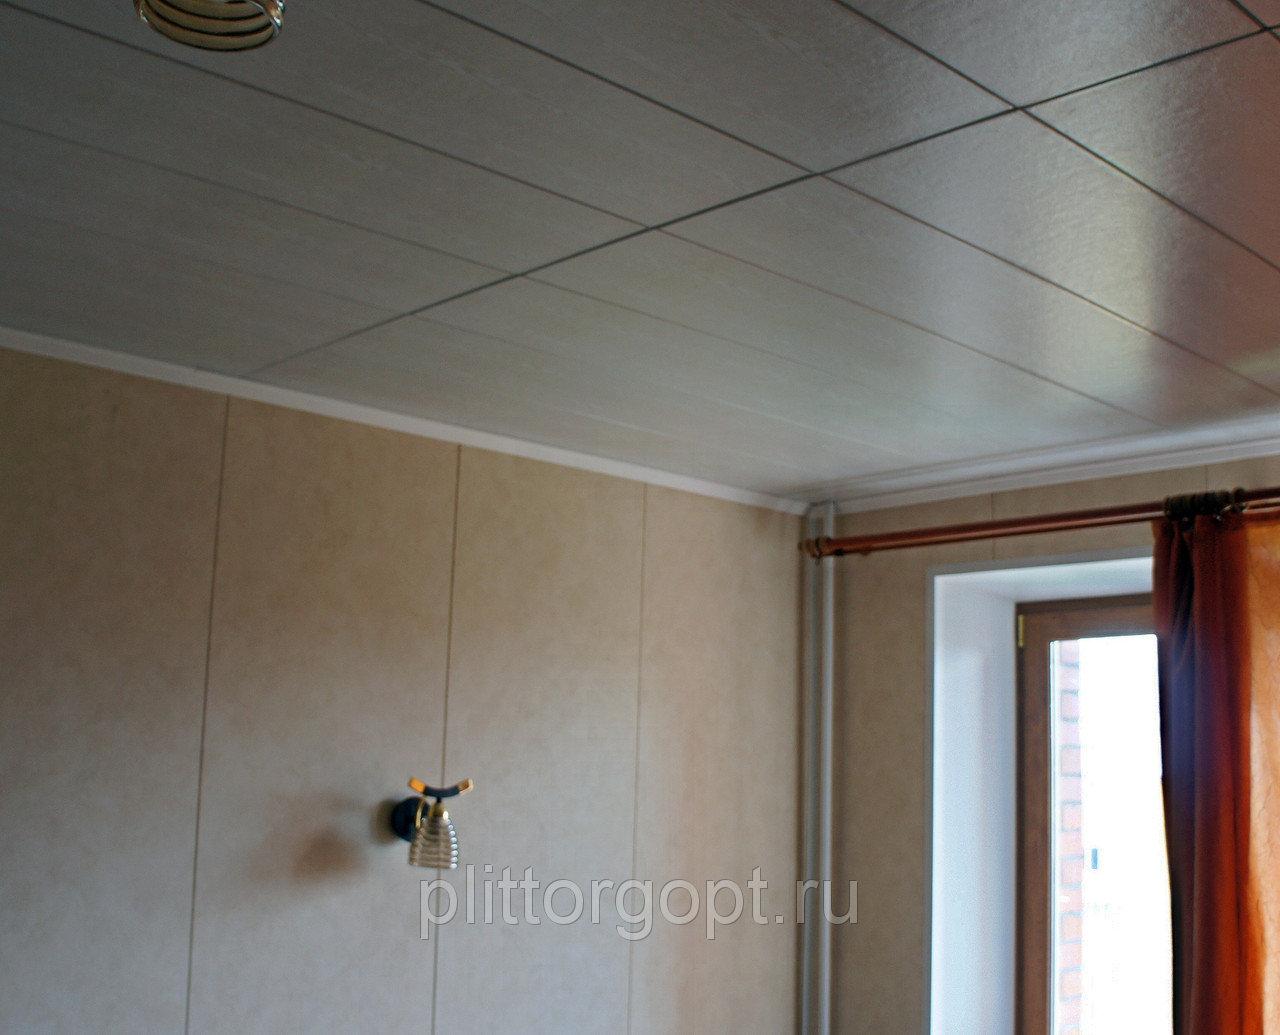 Стеновые панели декоративные ISOTEX, обои Décor, Interior